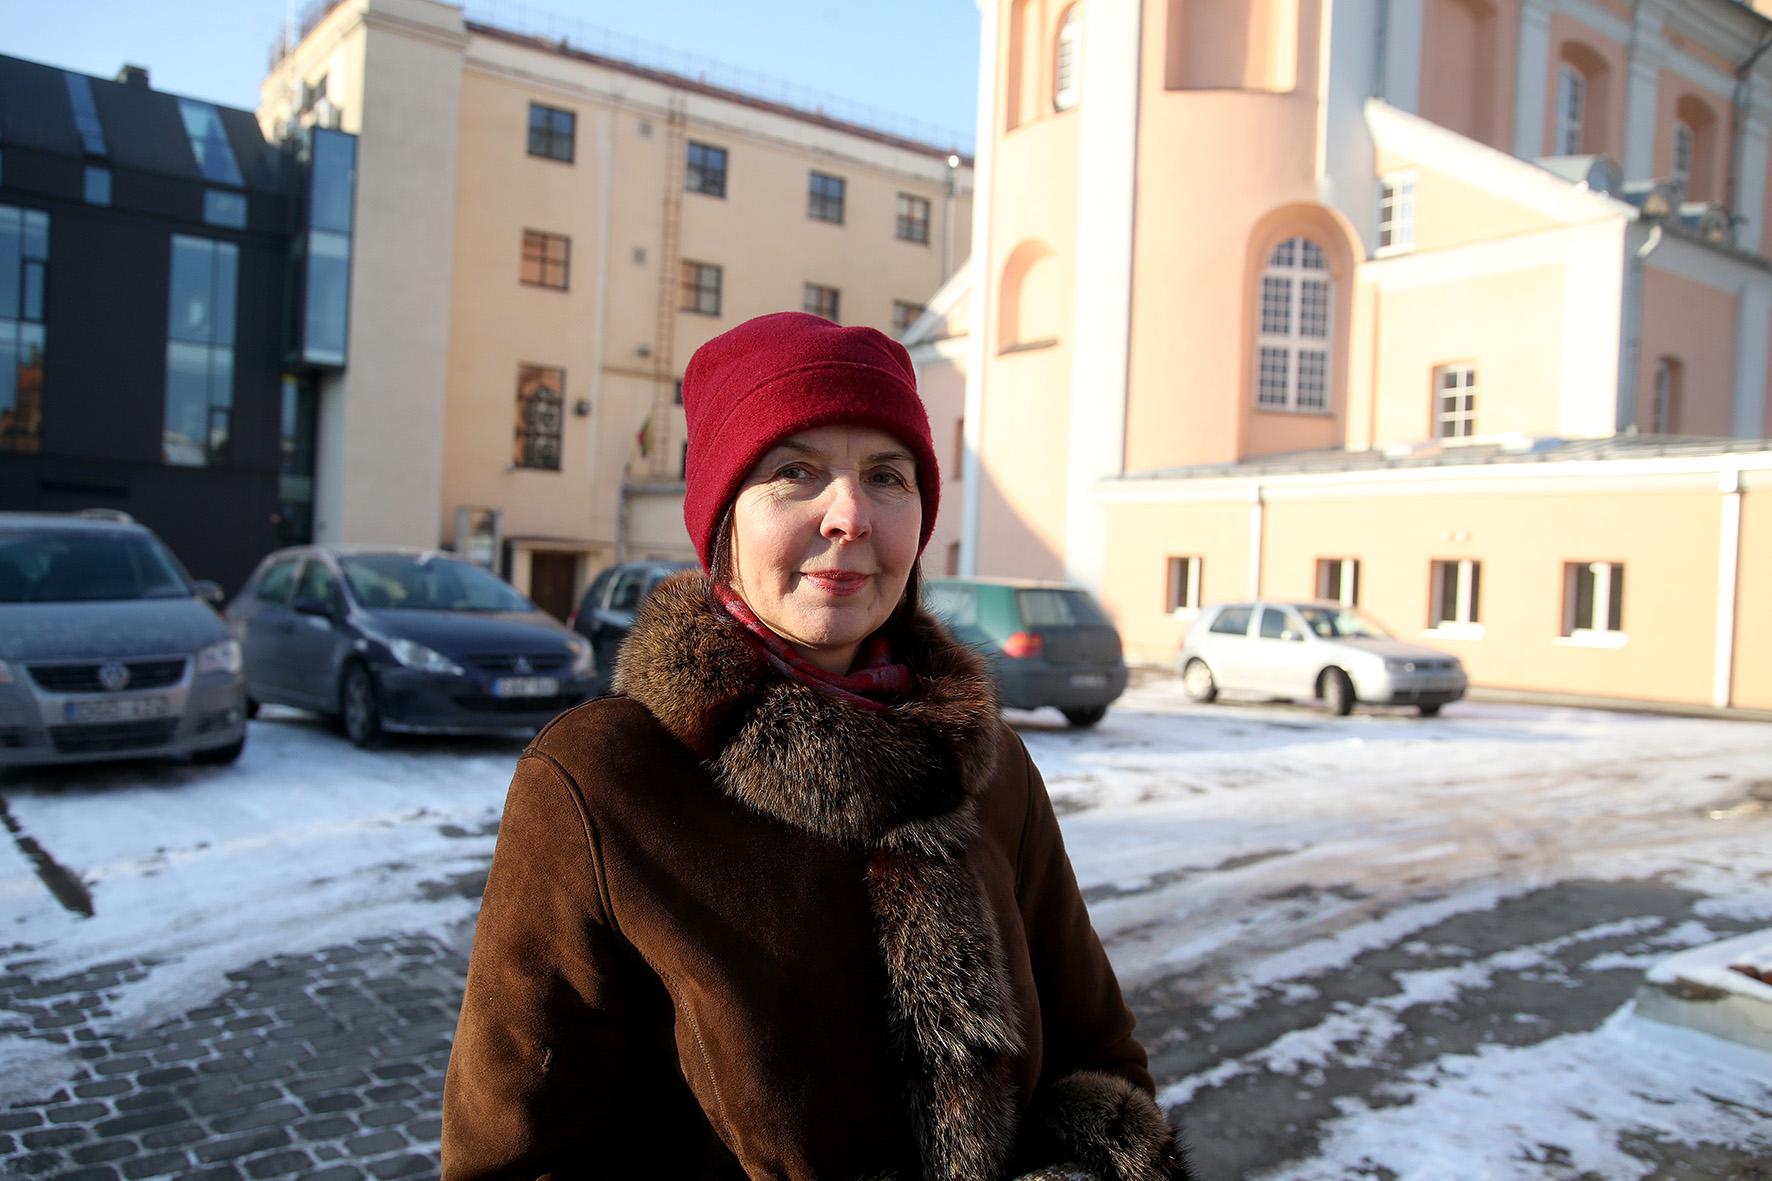 """Baigdama mokyklą A. Mažeikienė parašė pasižadėjimą: """"Būsiu mokytoja, mylėsiu poeziją ir mylėsiu vaikus"""". Tris dešimtmečius pažado ji laikėsi, tačiau galiausiai nusprendė – kad ir kokie nuostabūs metai buvo praleisti mokytojaujant, ateina laikas, kuomet gyvenime reikia kažką keisti. Algimanto Barzdžiaus nuotr."""